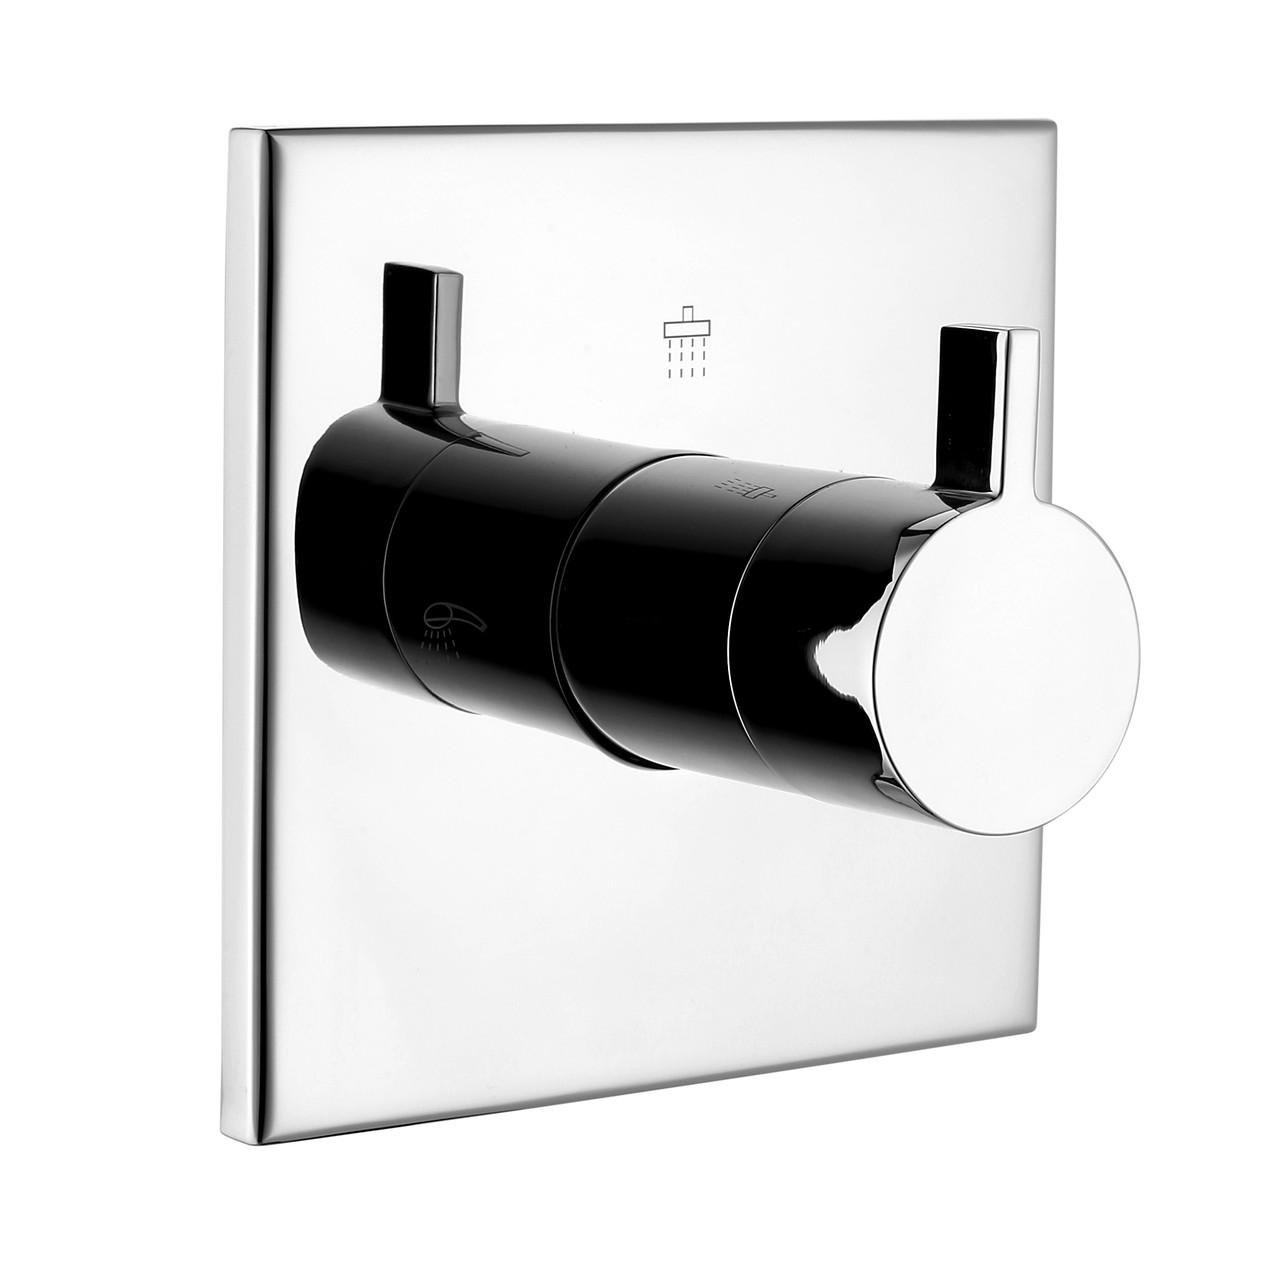 Imprese ZAMEK замочний/перемикальний вентиль (3 споживача), форма S